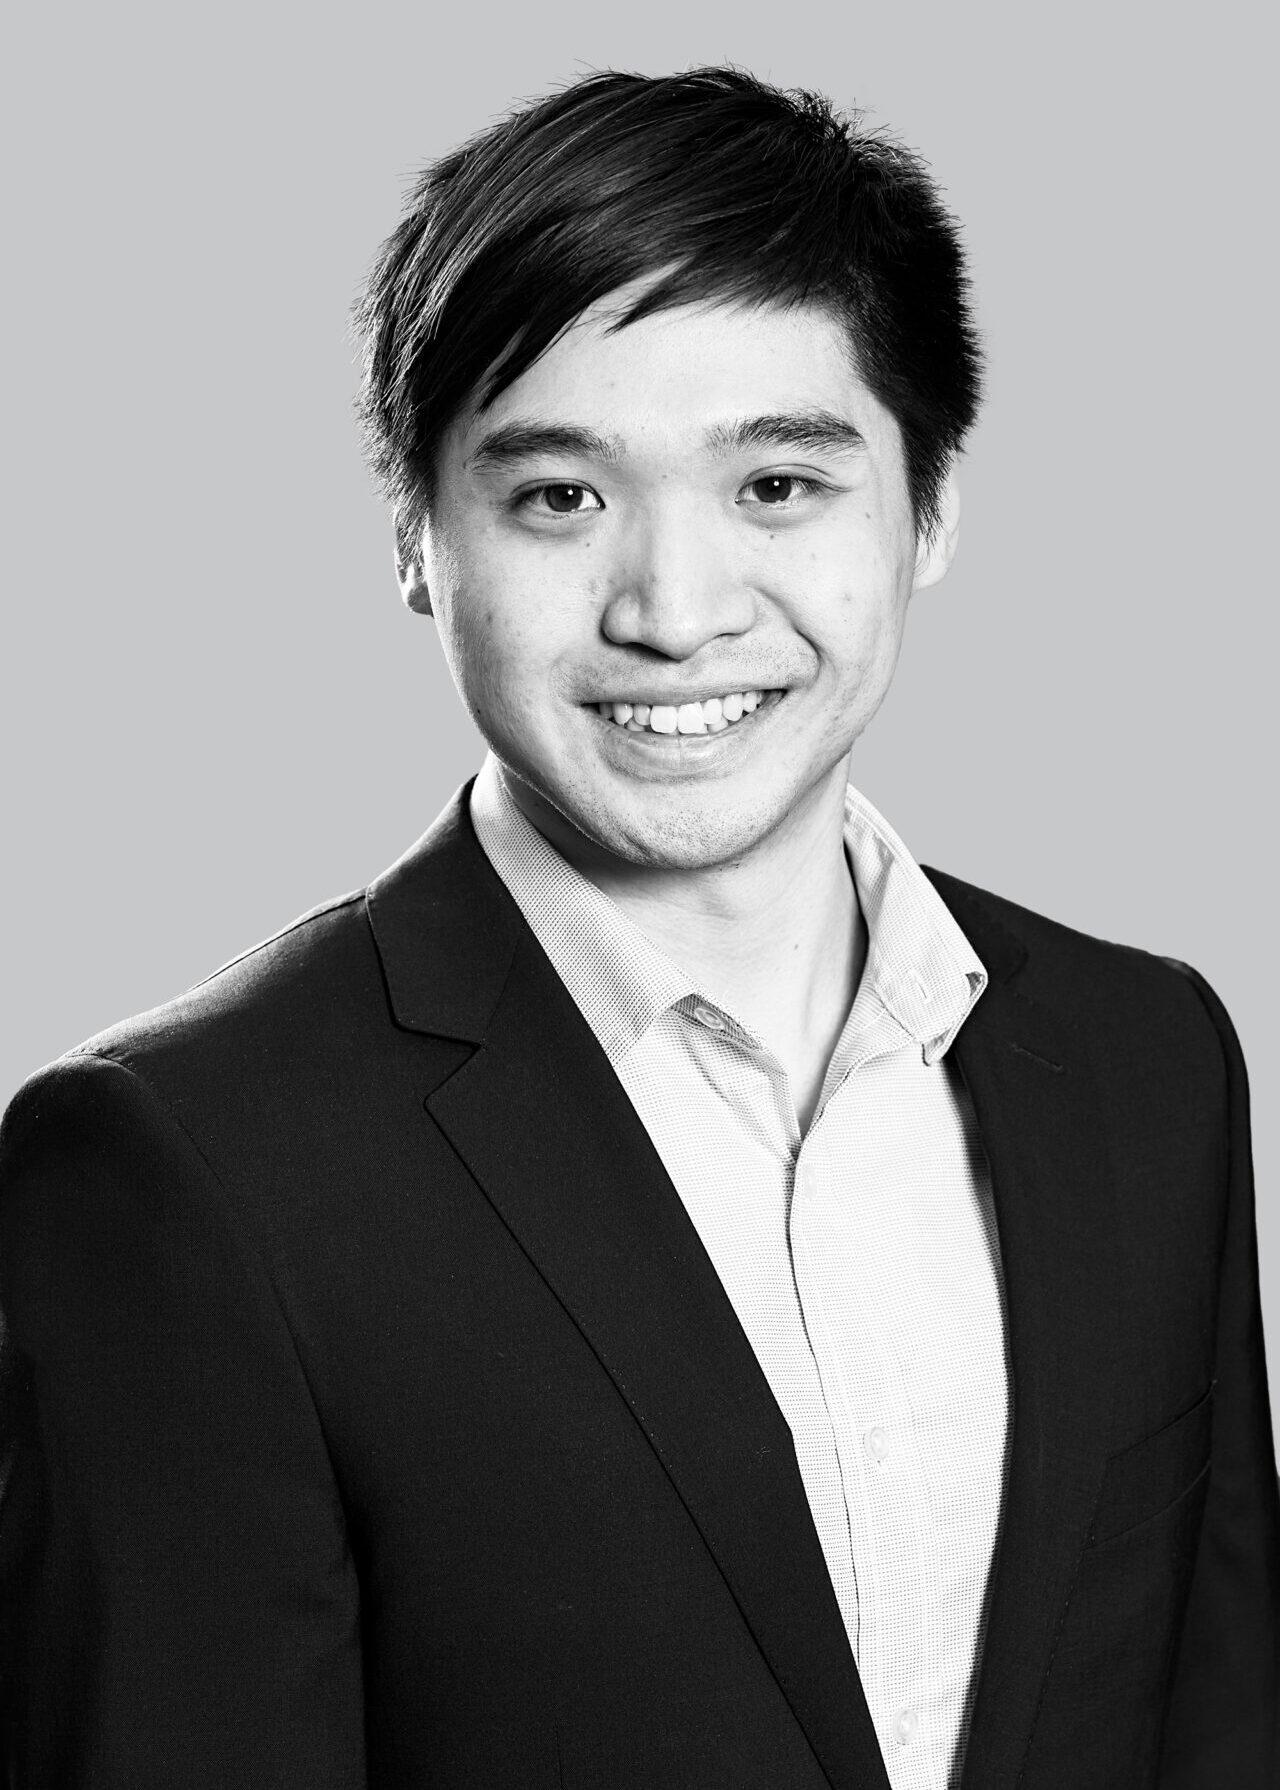 Vinh Ha